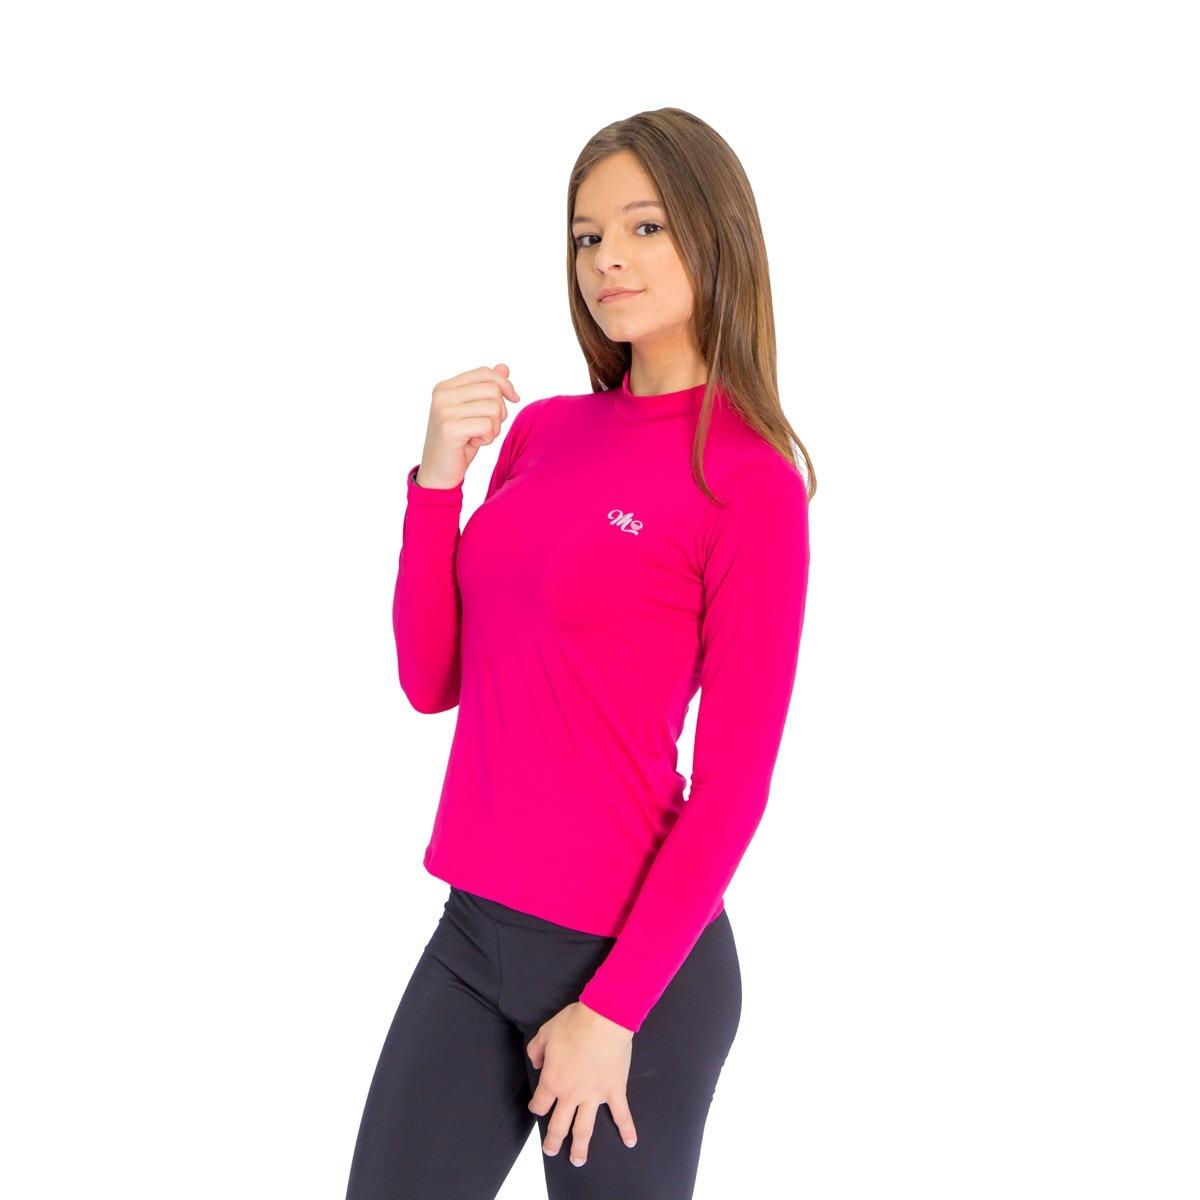 camiseta térmica manga longa feminina pink compressão. Carregando zoom. 0db42933384a7